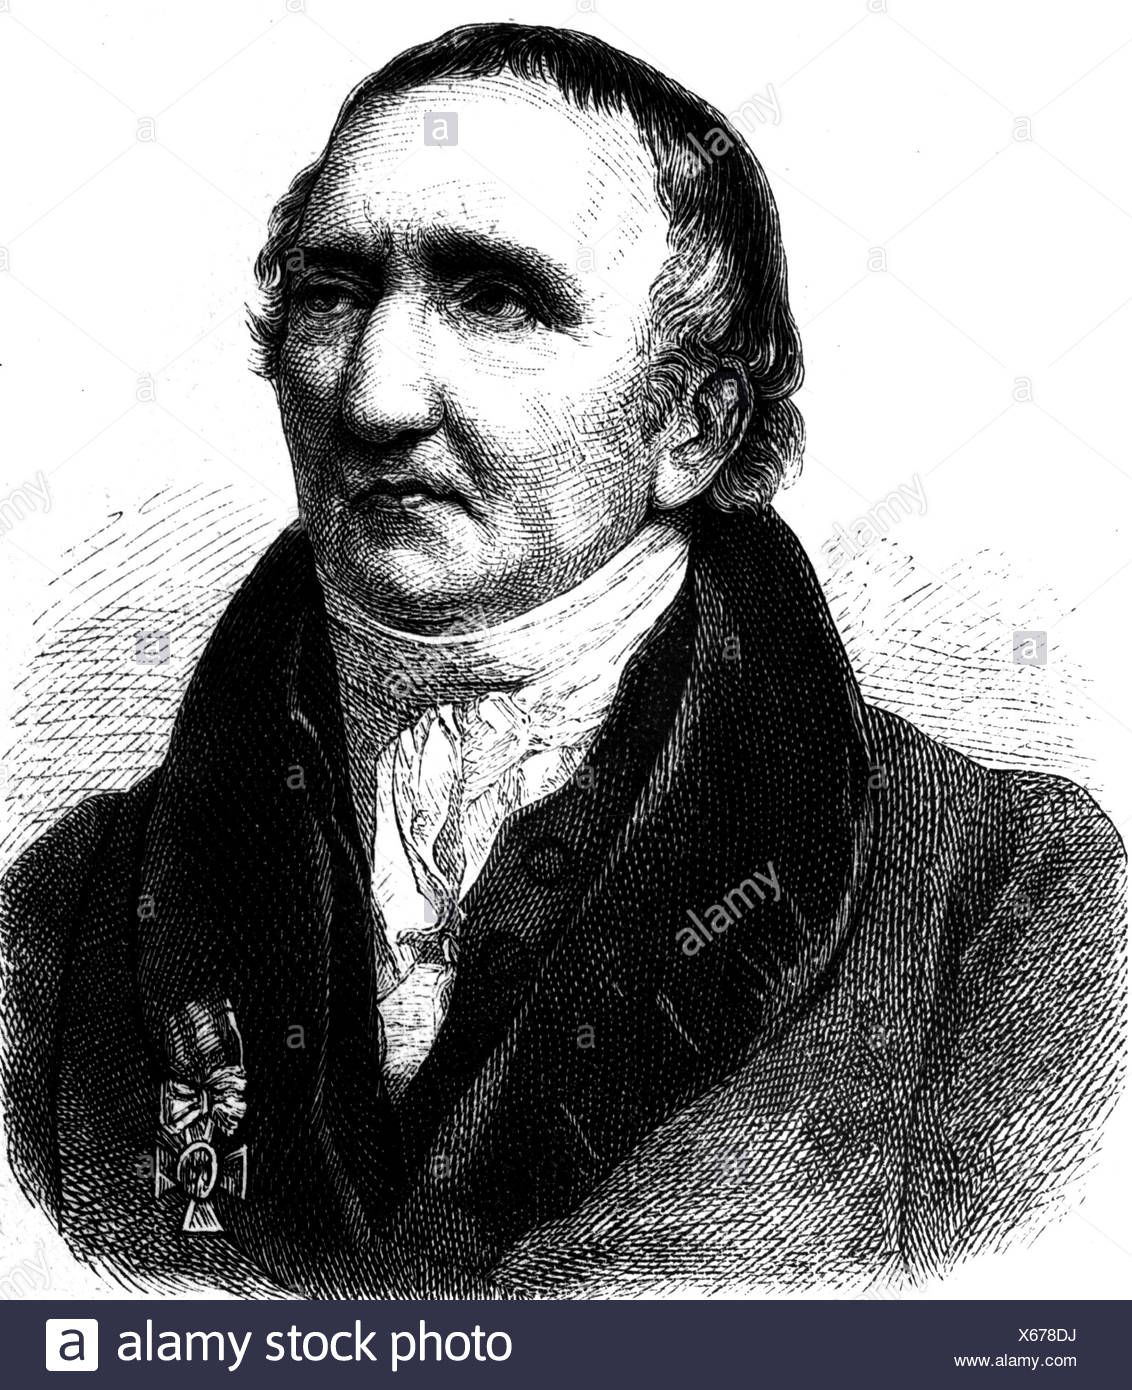 Schadow, Johann Gottfried, 20.5.1764 - 27.1.1850, deutscher Bildhauer, Porträt, Gravur, 19. Jahrhundert, Stockfoto